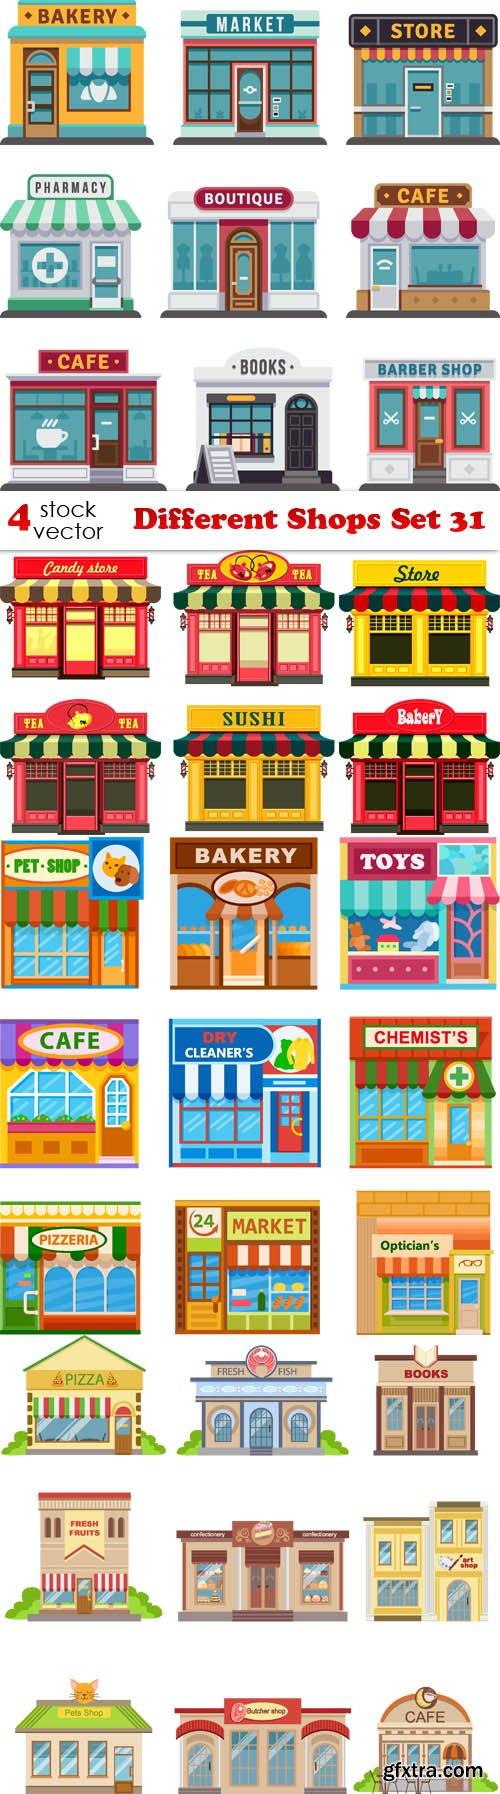 Vectors - Different Shops Set 31